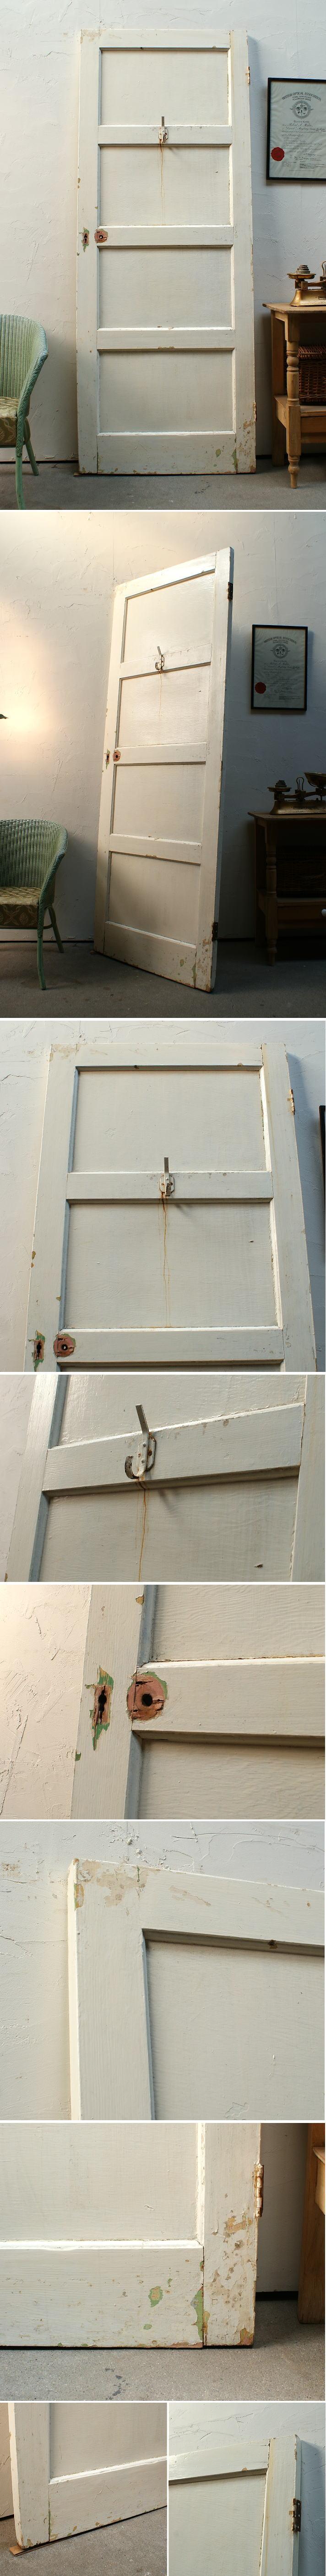 イギリス アンティーク 木製ドア 扉 ディスプレイ 建具 2910